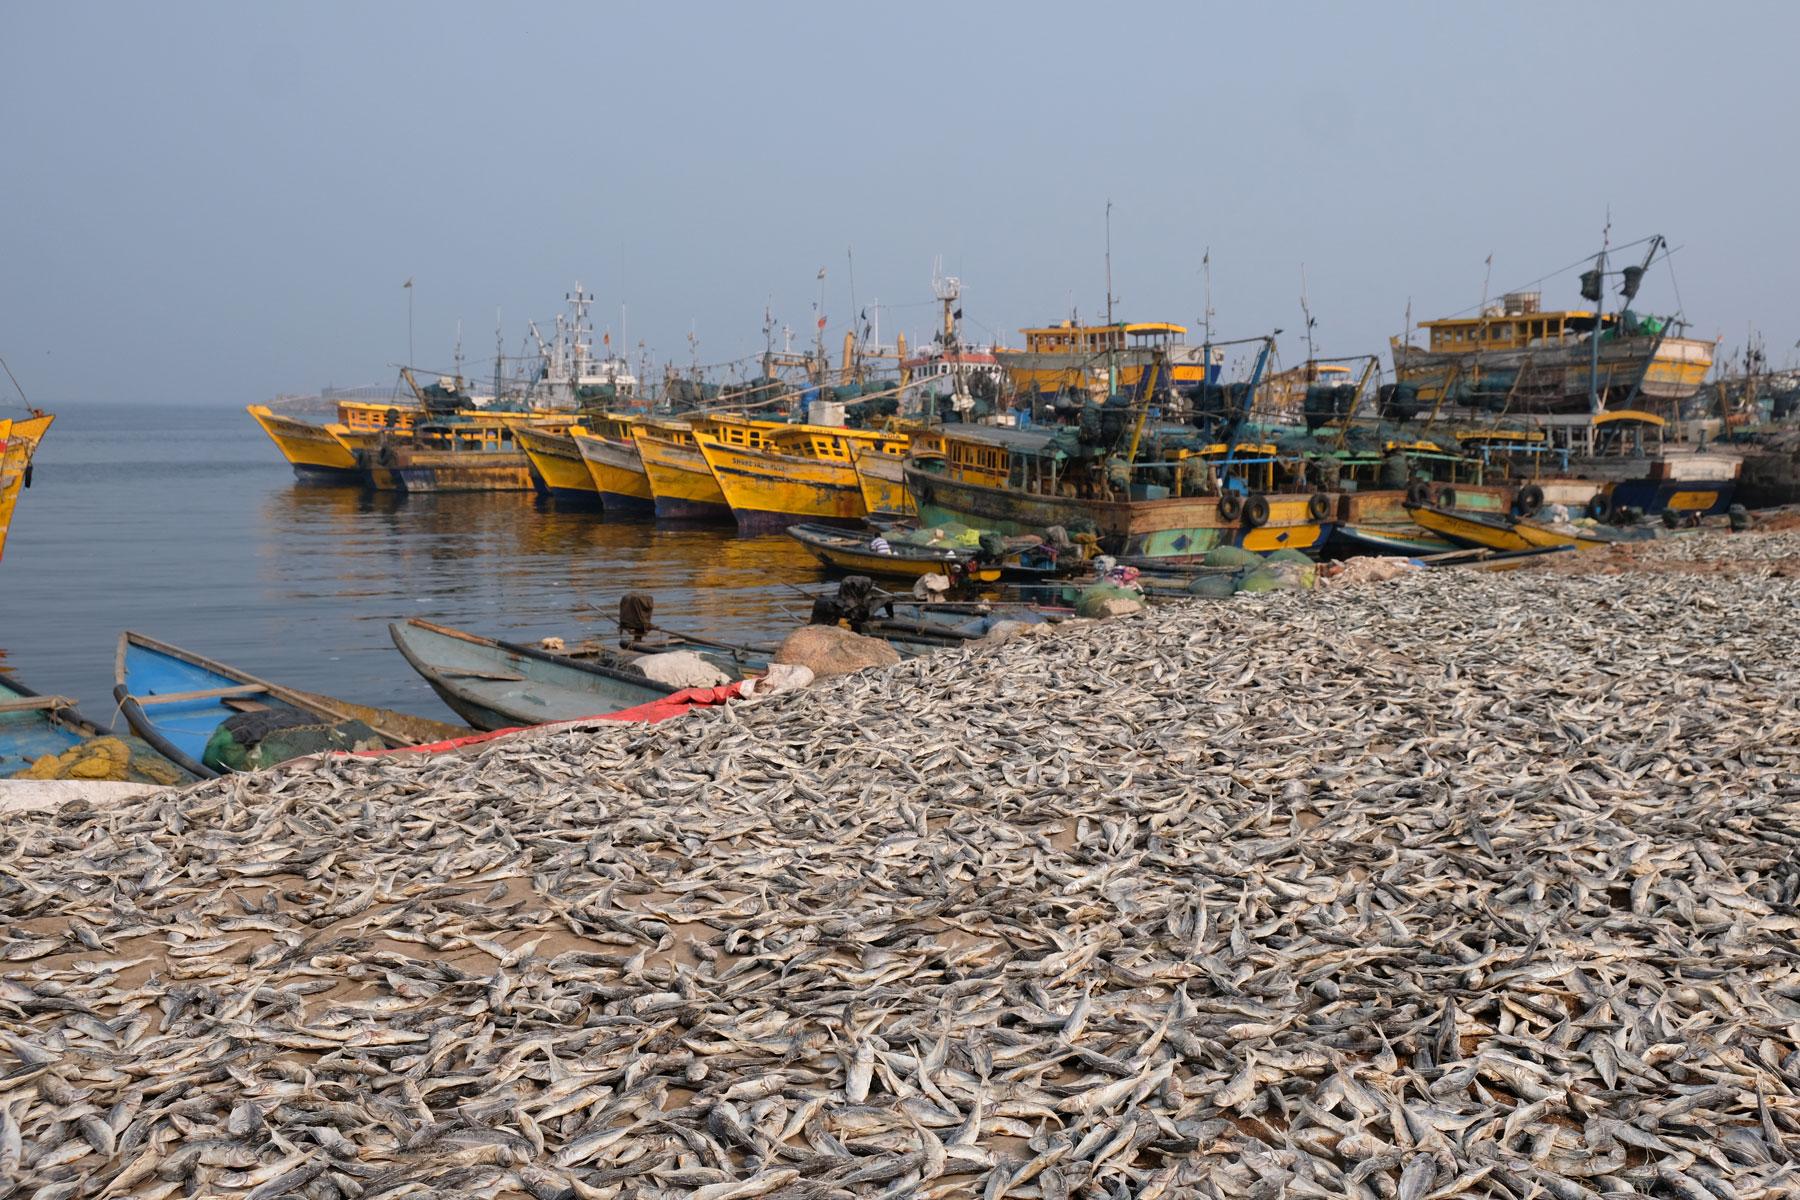 Fische und Fischerboote am Hafen von Visakhapatnam.